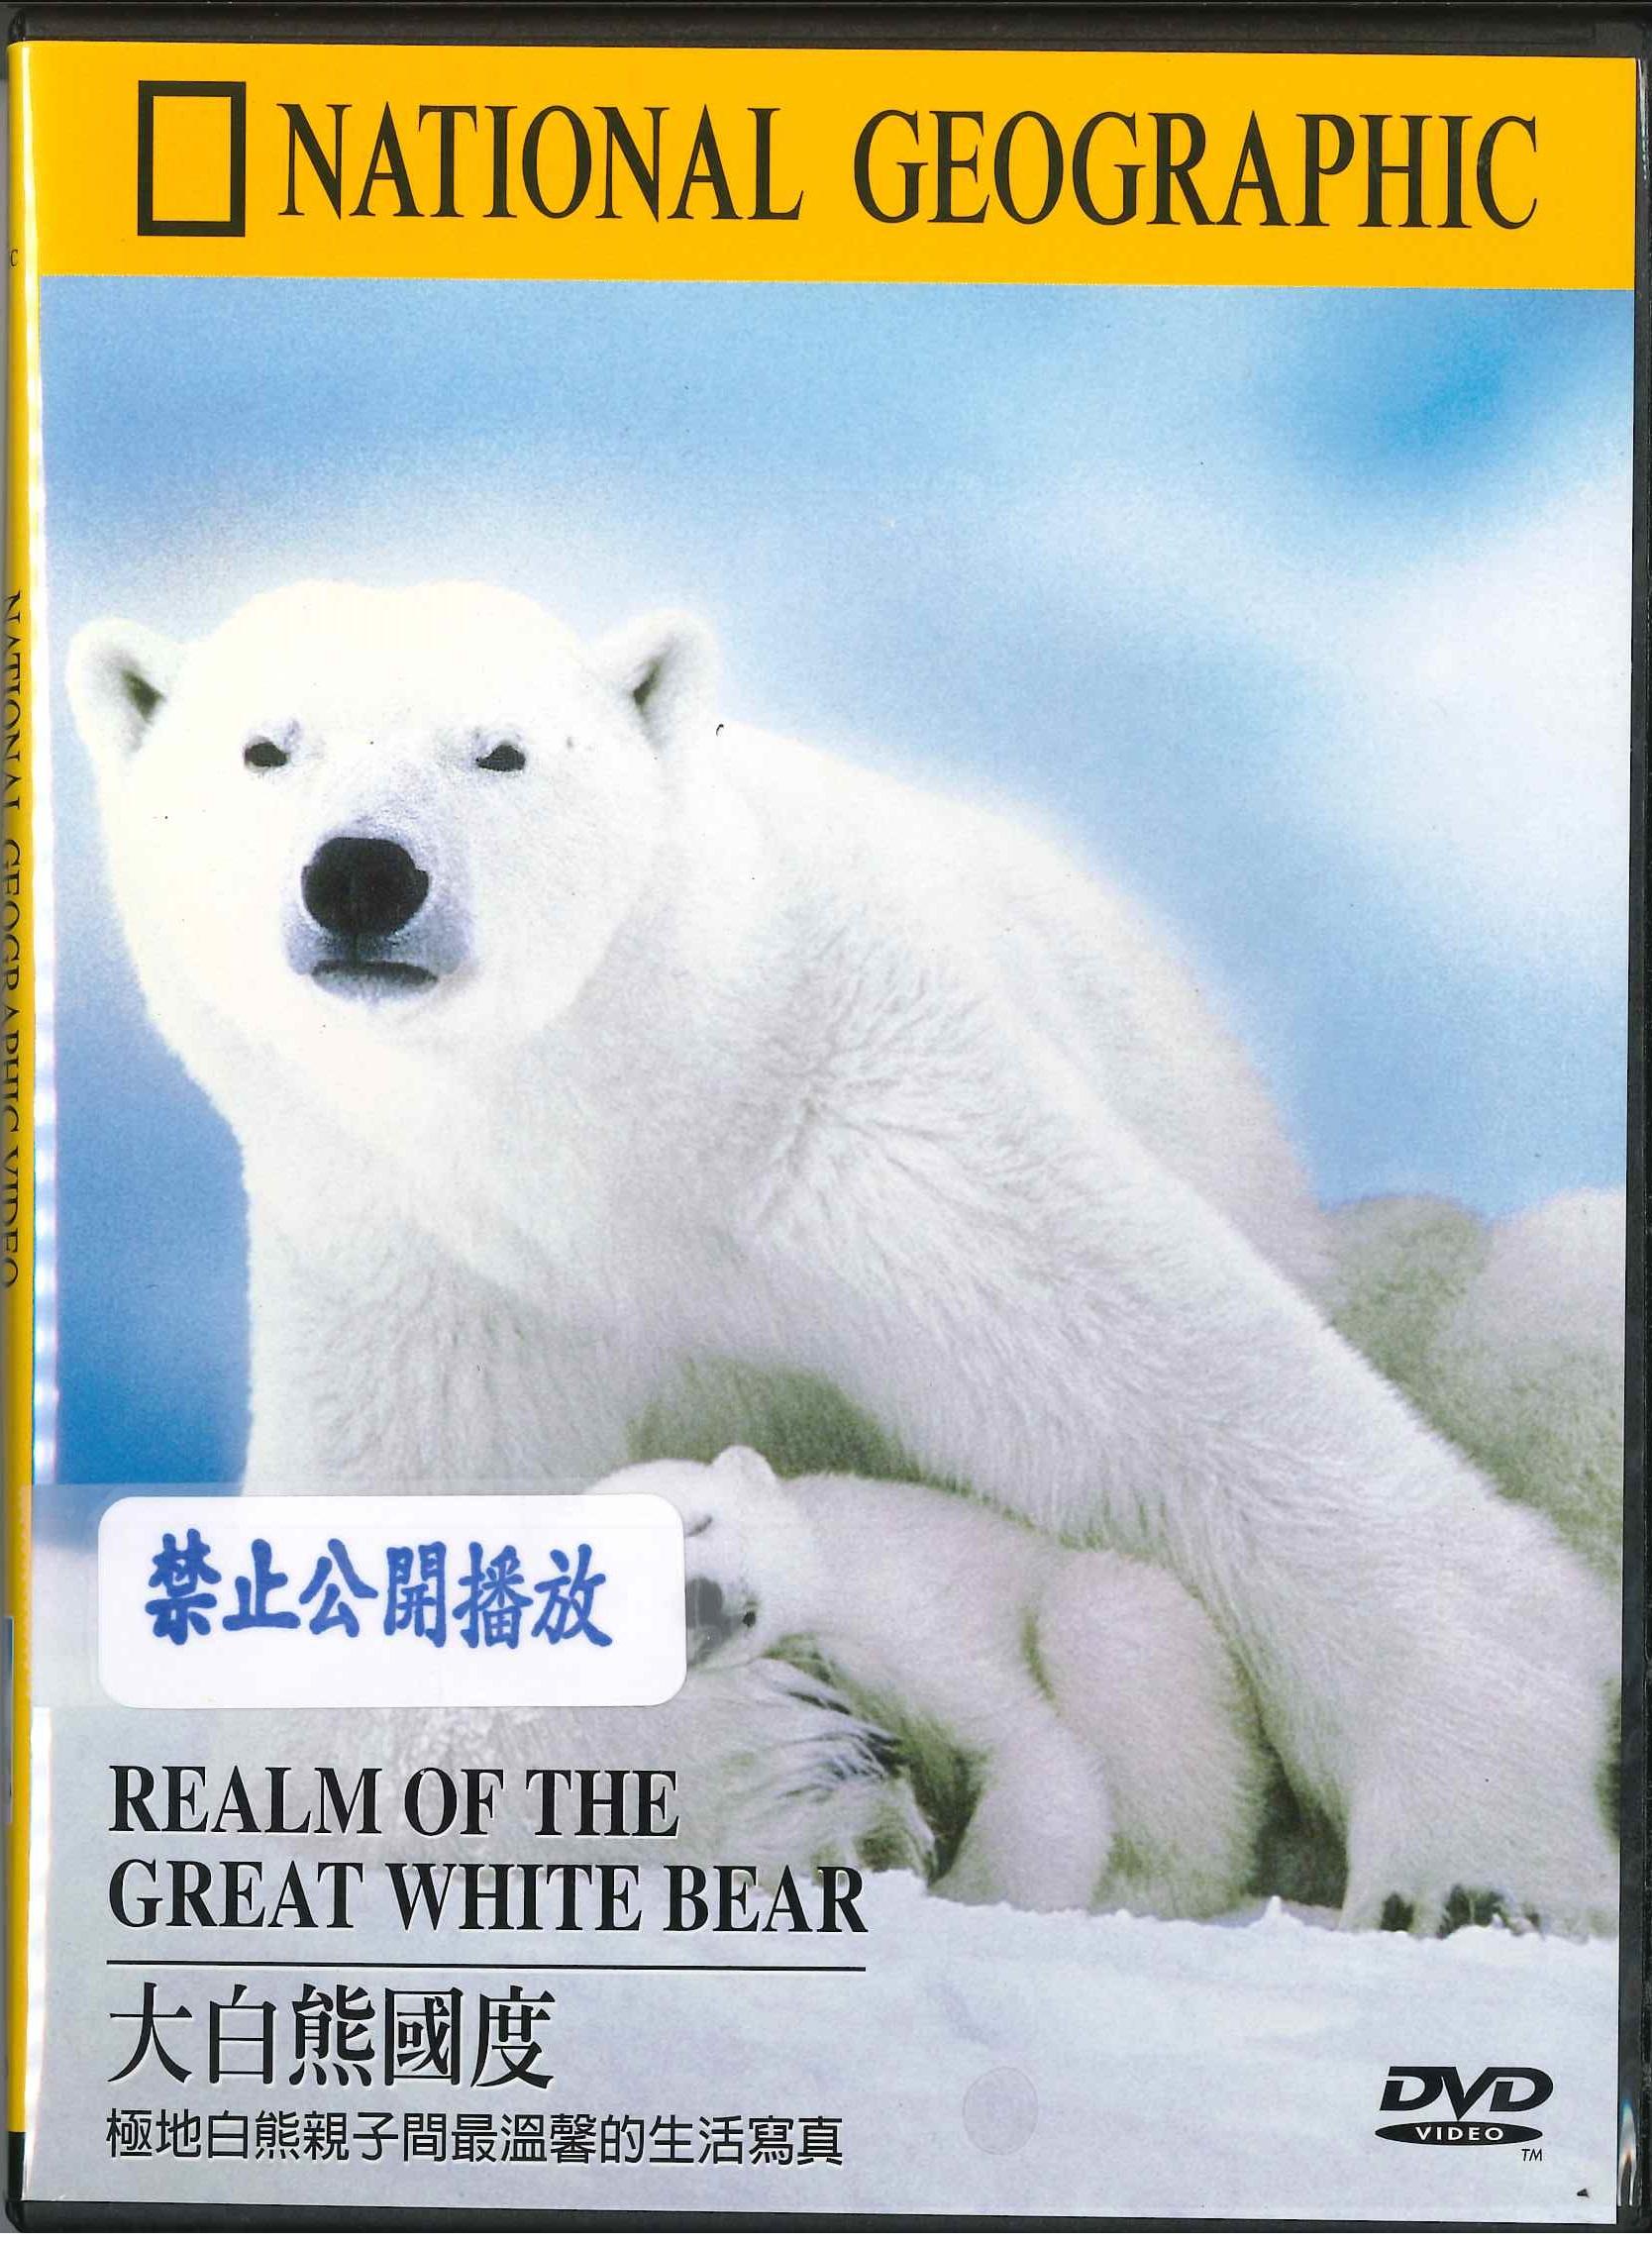 大白熊國度 [錄影資料]=Realm of the great white bear